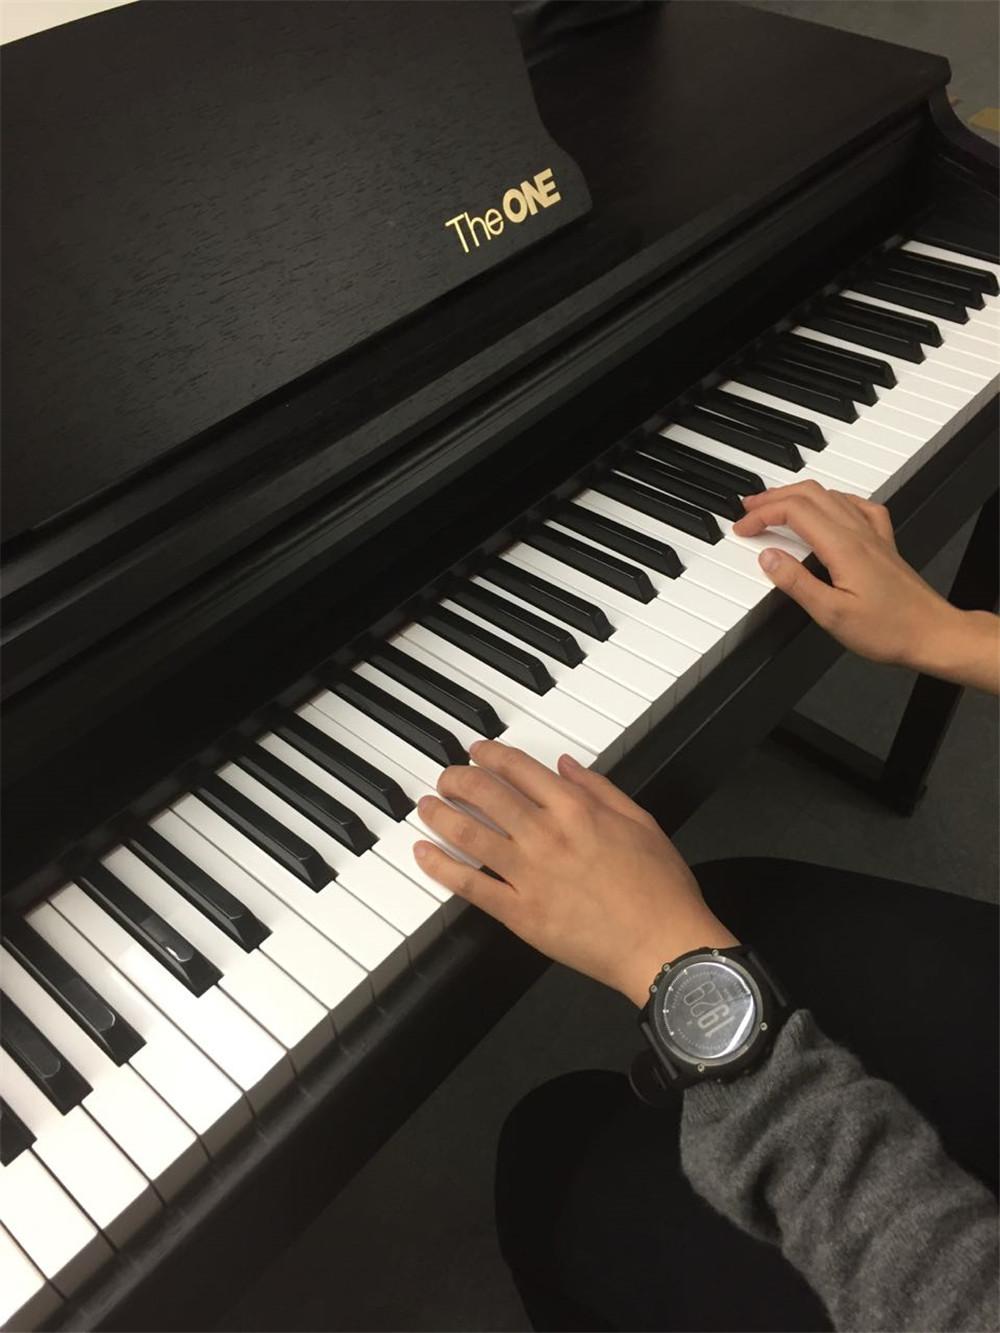 The ONE智能钢琴,不只是一台钢琴